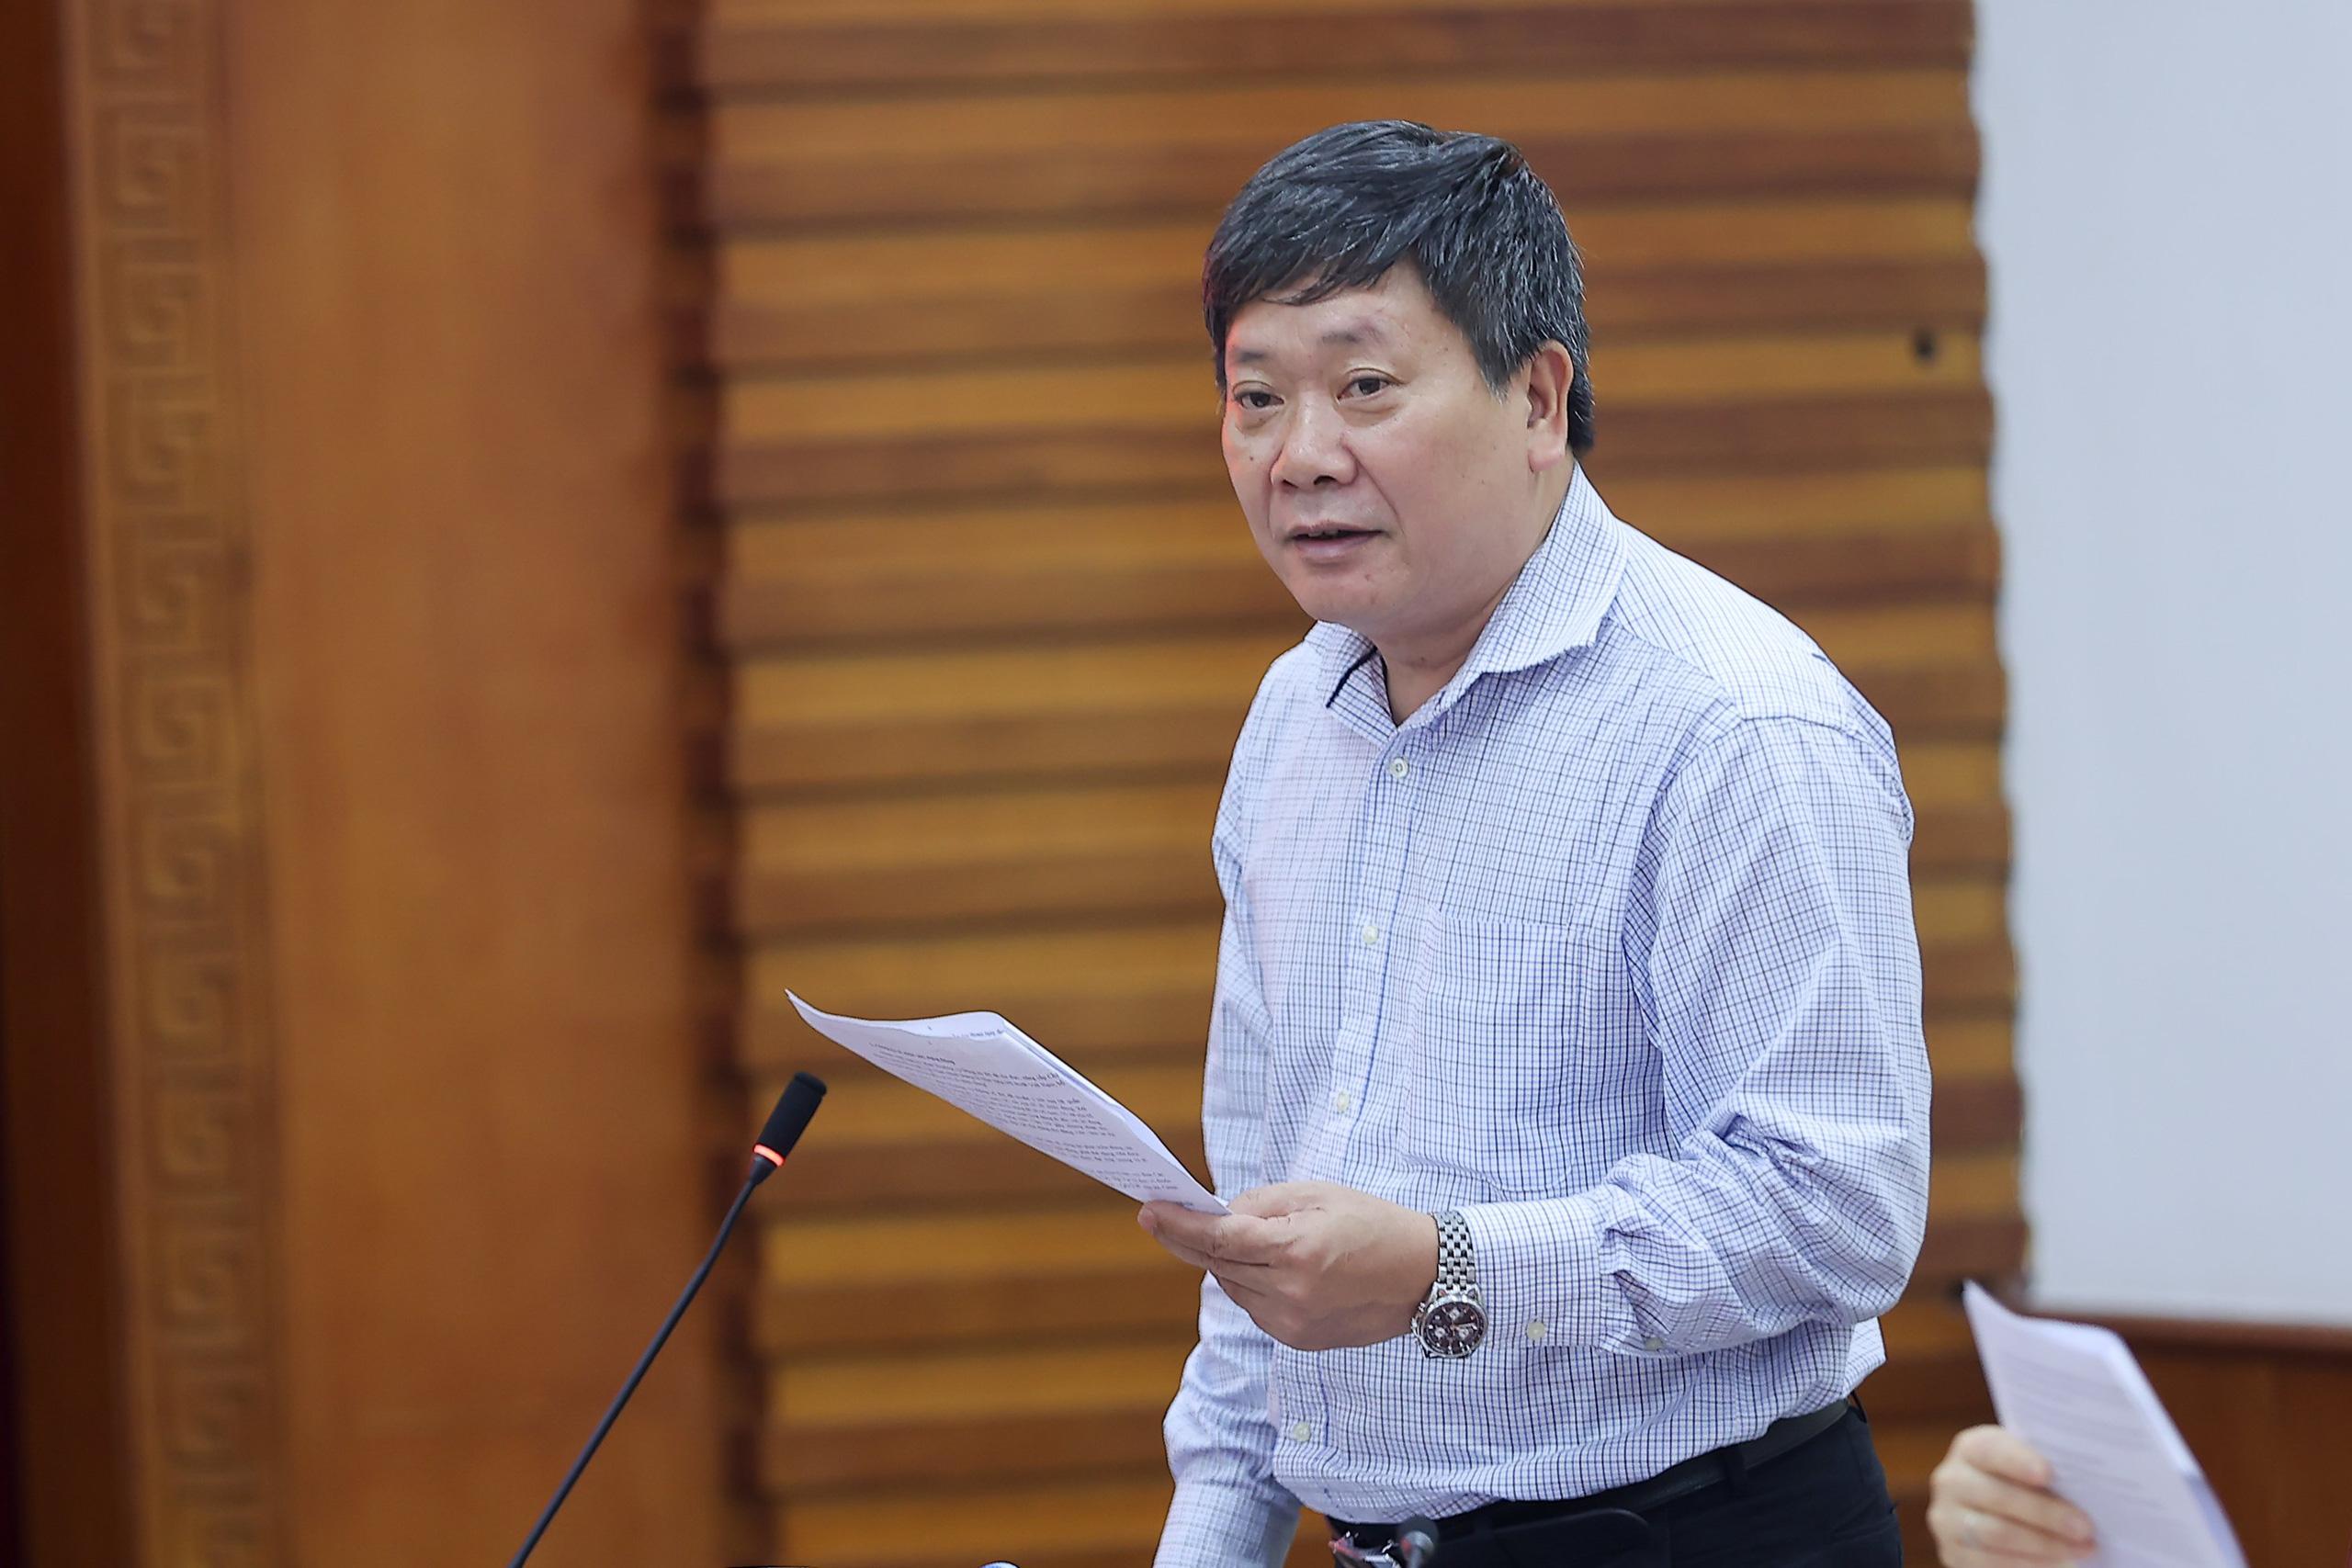 Hội nghị Ban chấp hành Đảng bộ Bộ VHTTDL lần thứ 3 - Ảnh 2.